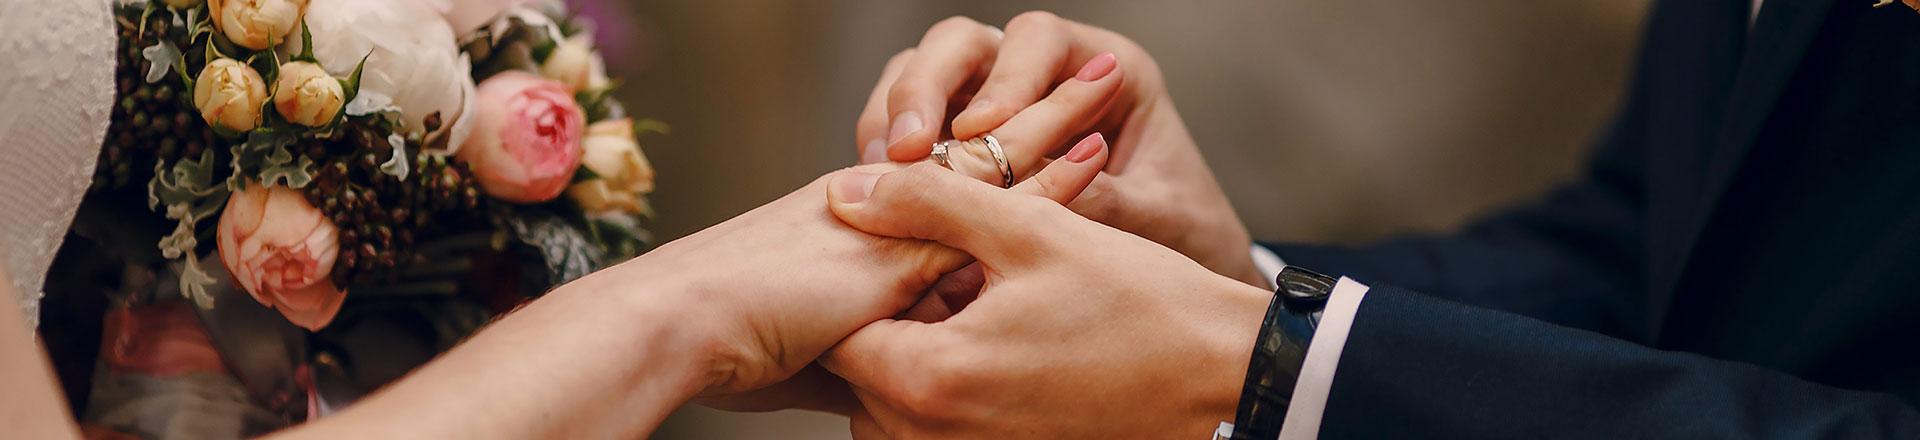 18 Romantic Getaway planning tips